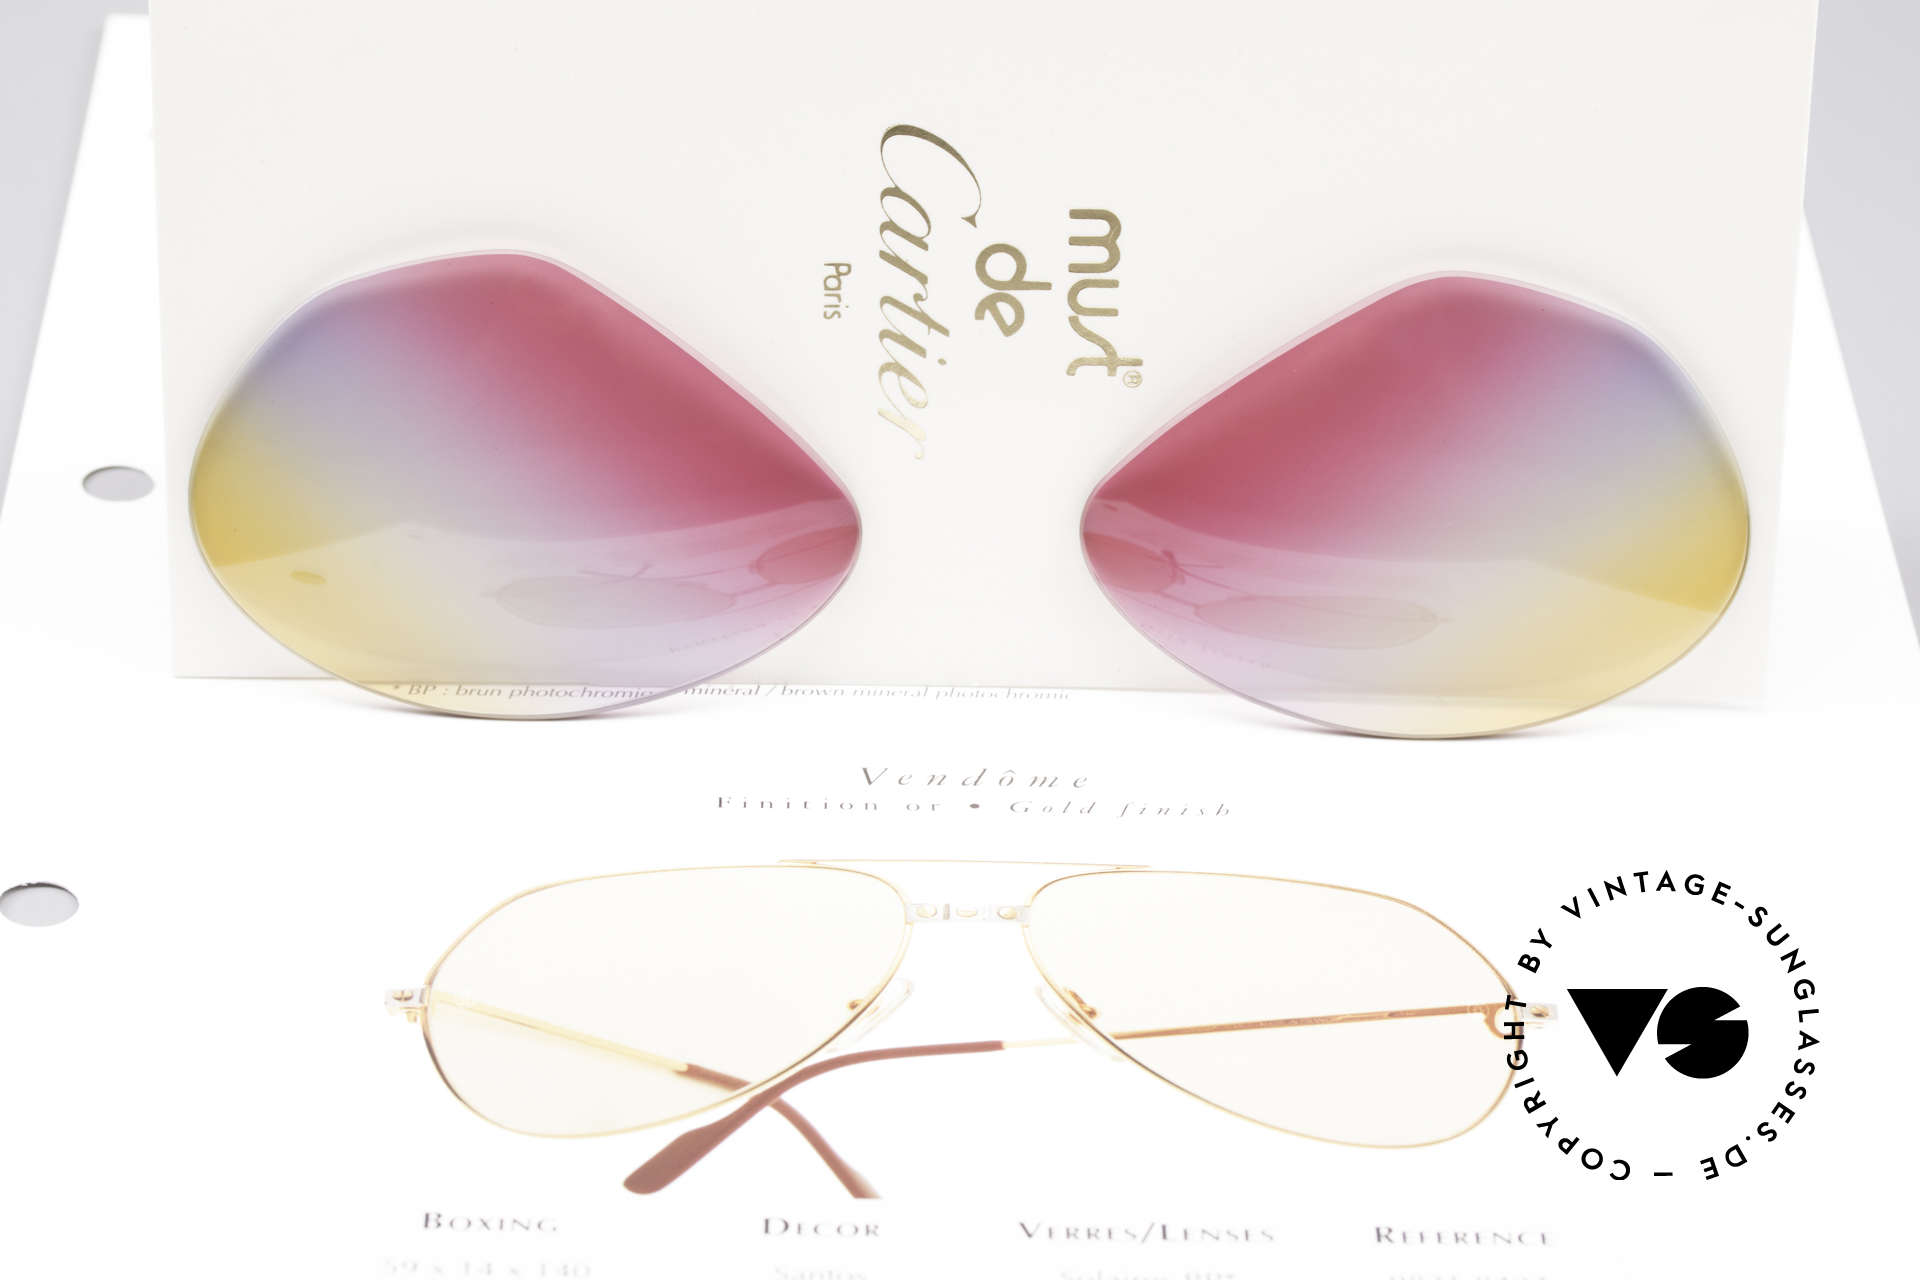 Cartier Vendome Lenses - L Tricolored Sunrise Gläser, Dreifach-Farbverlauf der Gläser wie ein Sonnenaufgang, Passend für Herren und Damen